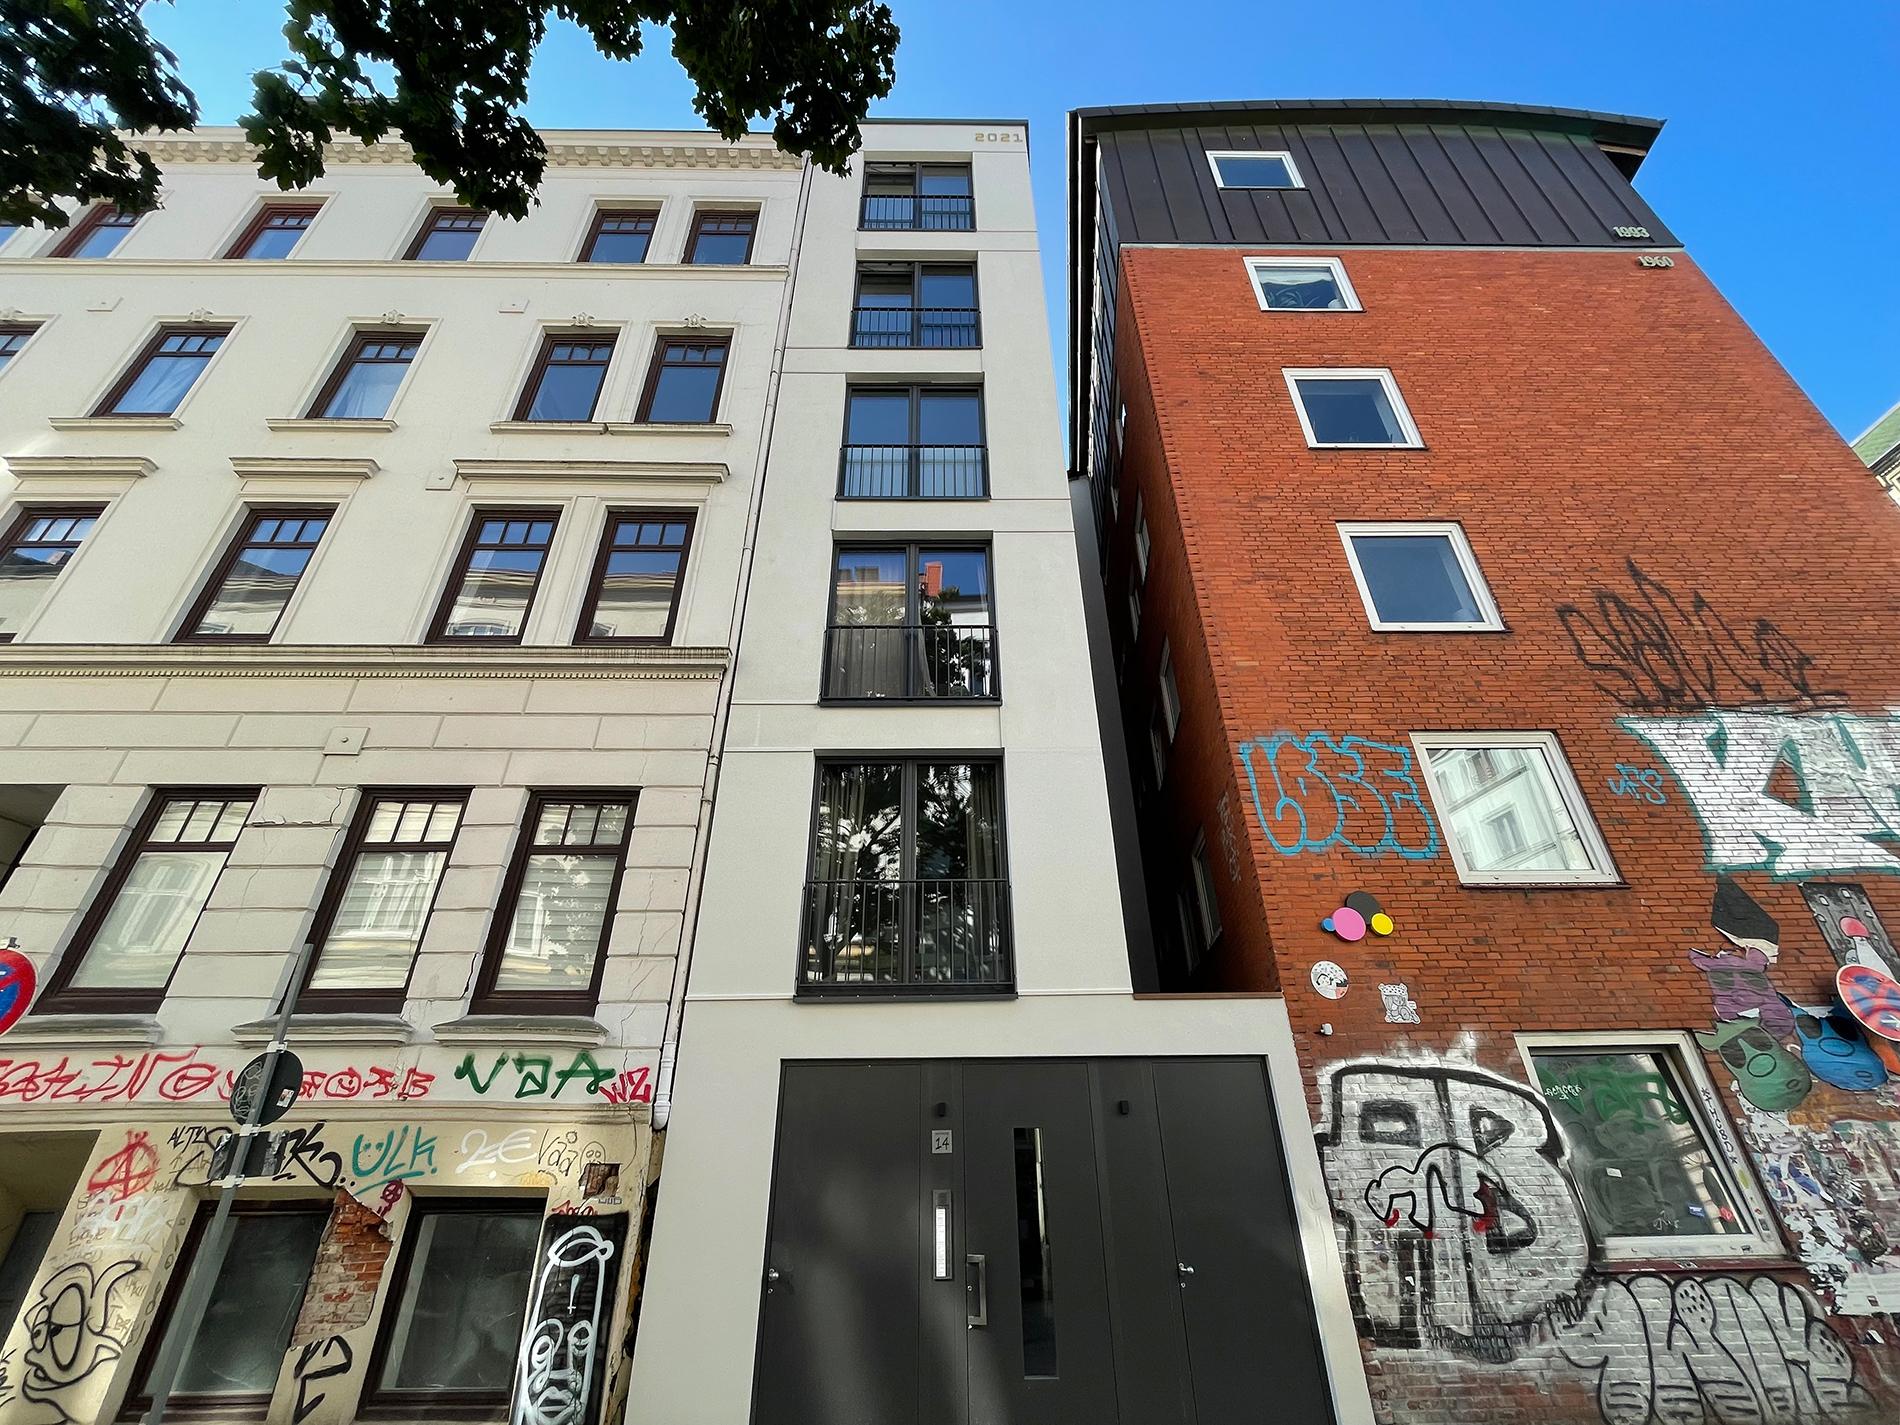 13-18_Fertigstellung-Fassade Straße (8)